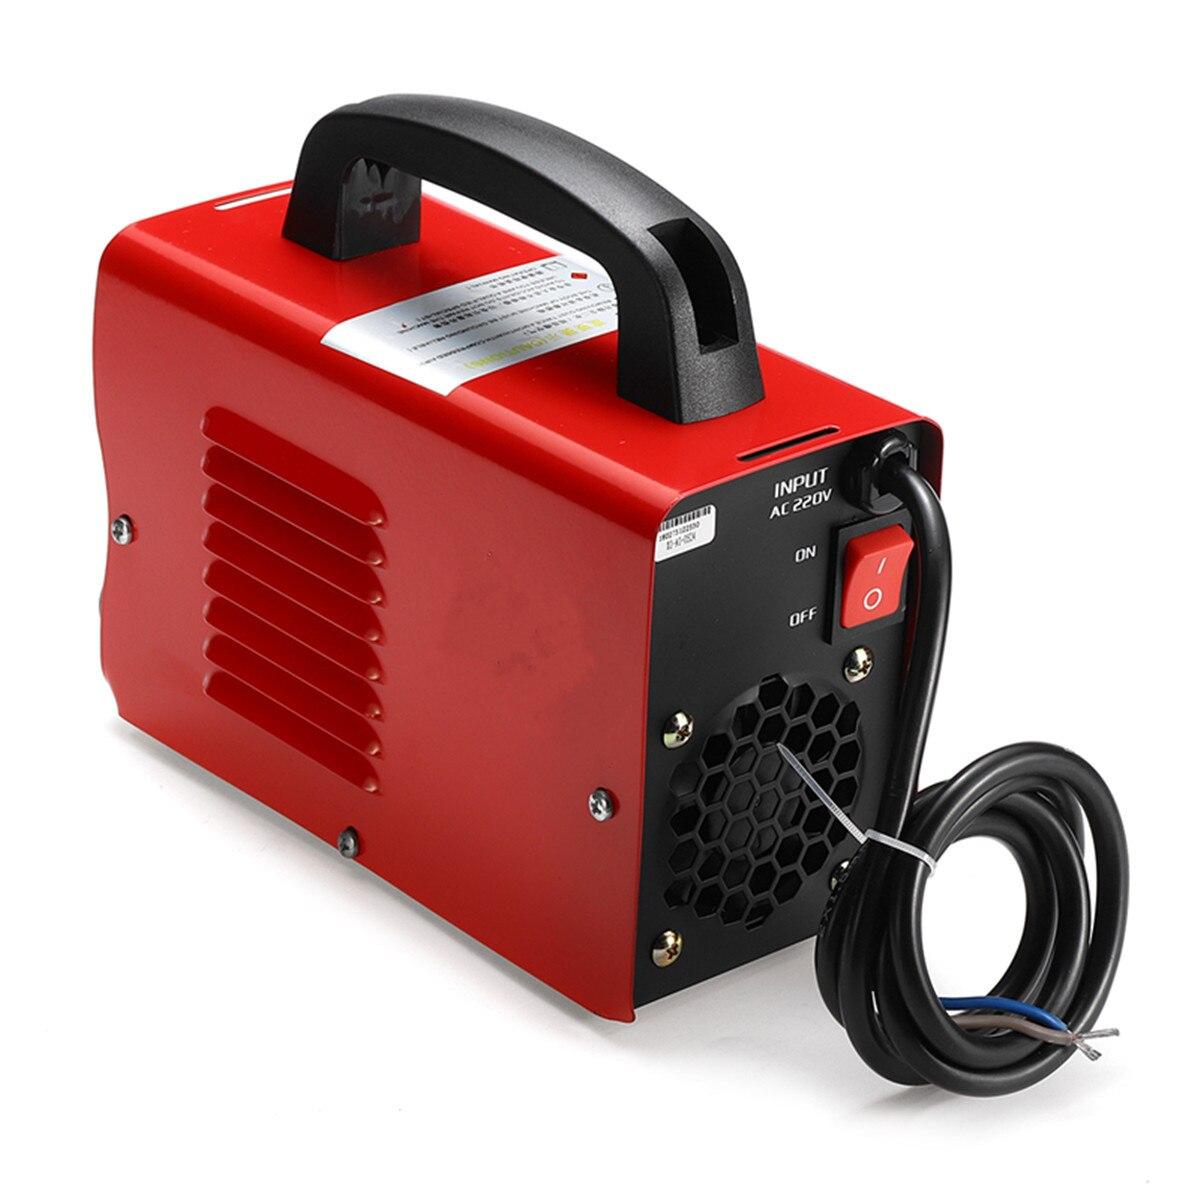 220V 10-200A 4000W Ручной мини ММА IGBT инвертор мини Электрический дуговой сварочный аппарат-инструмент